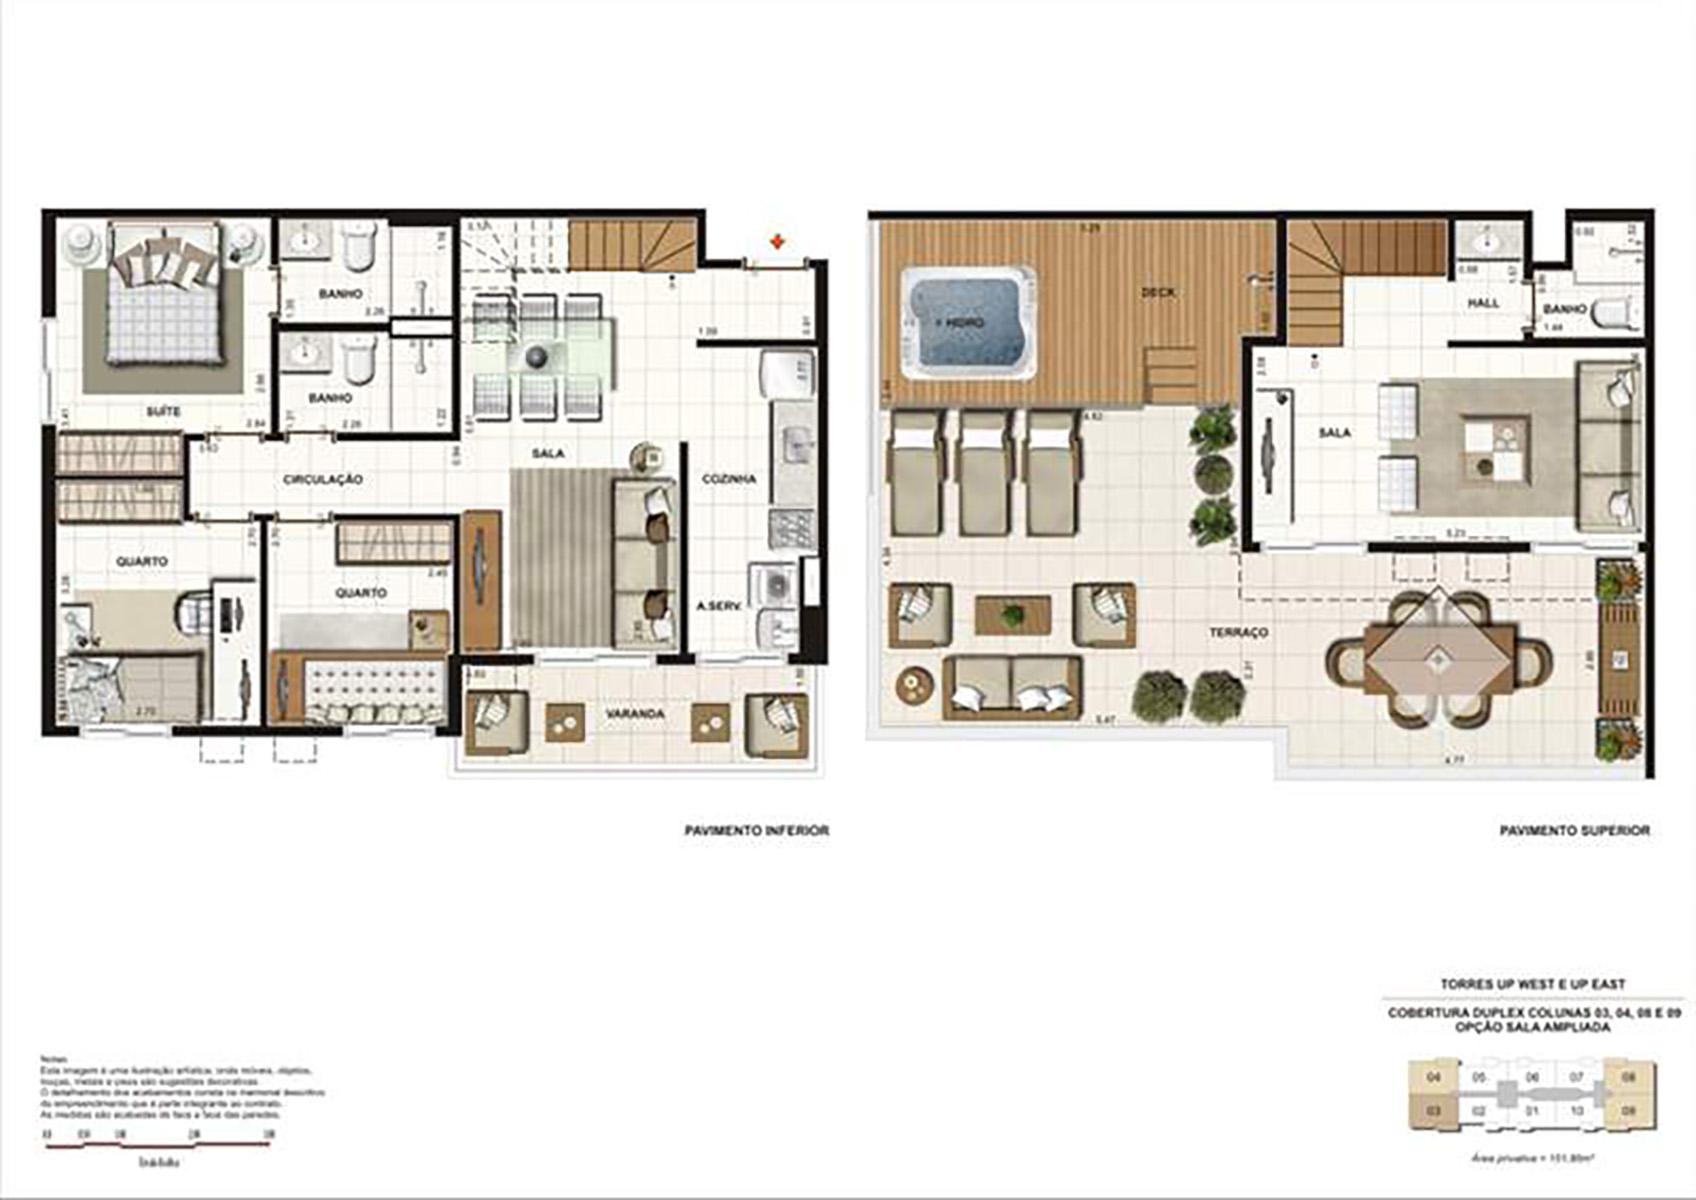 Ilustração Artística da Planta Duplex 151 m² tipo 2 Up Residence